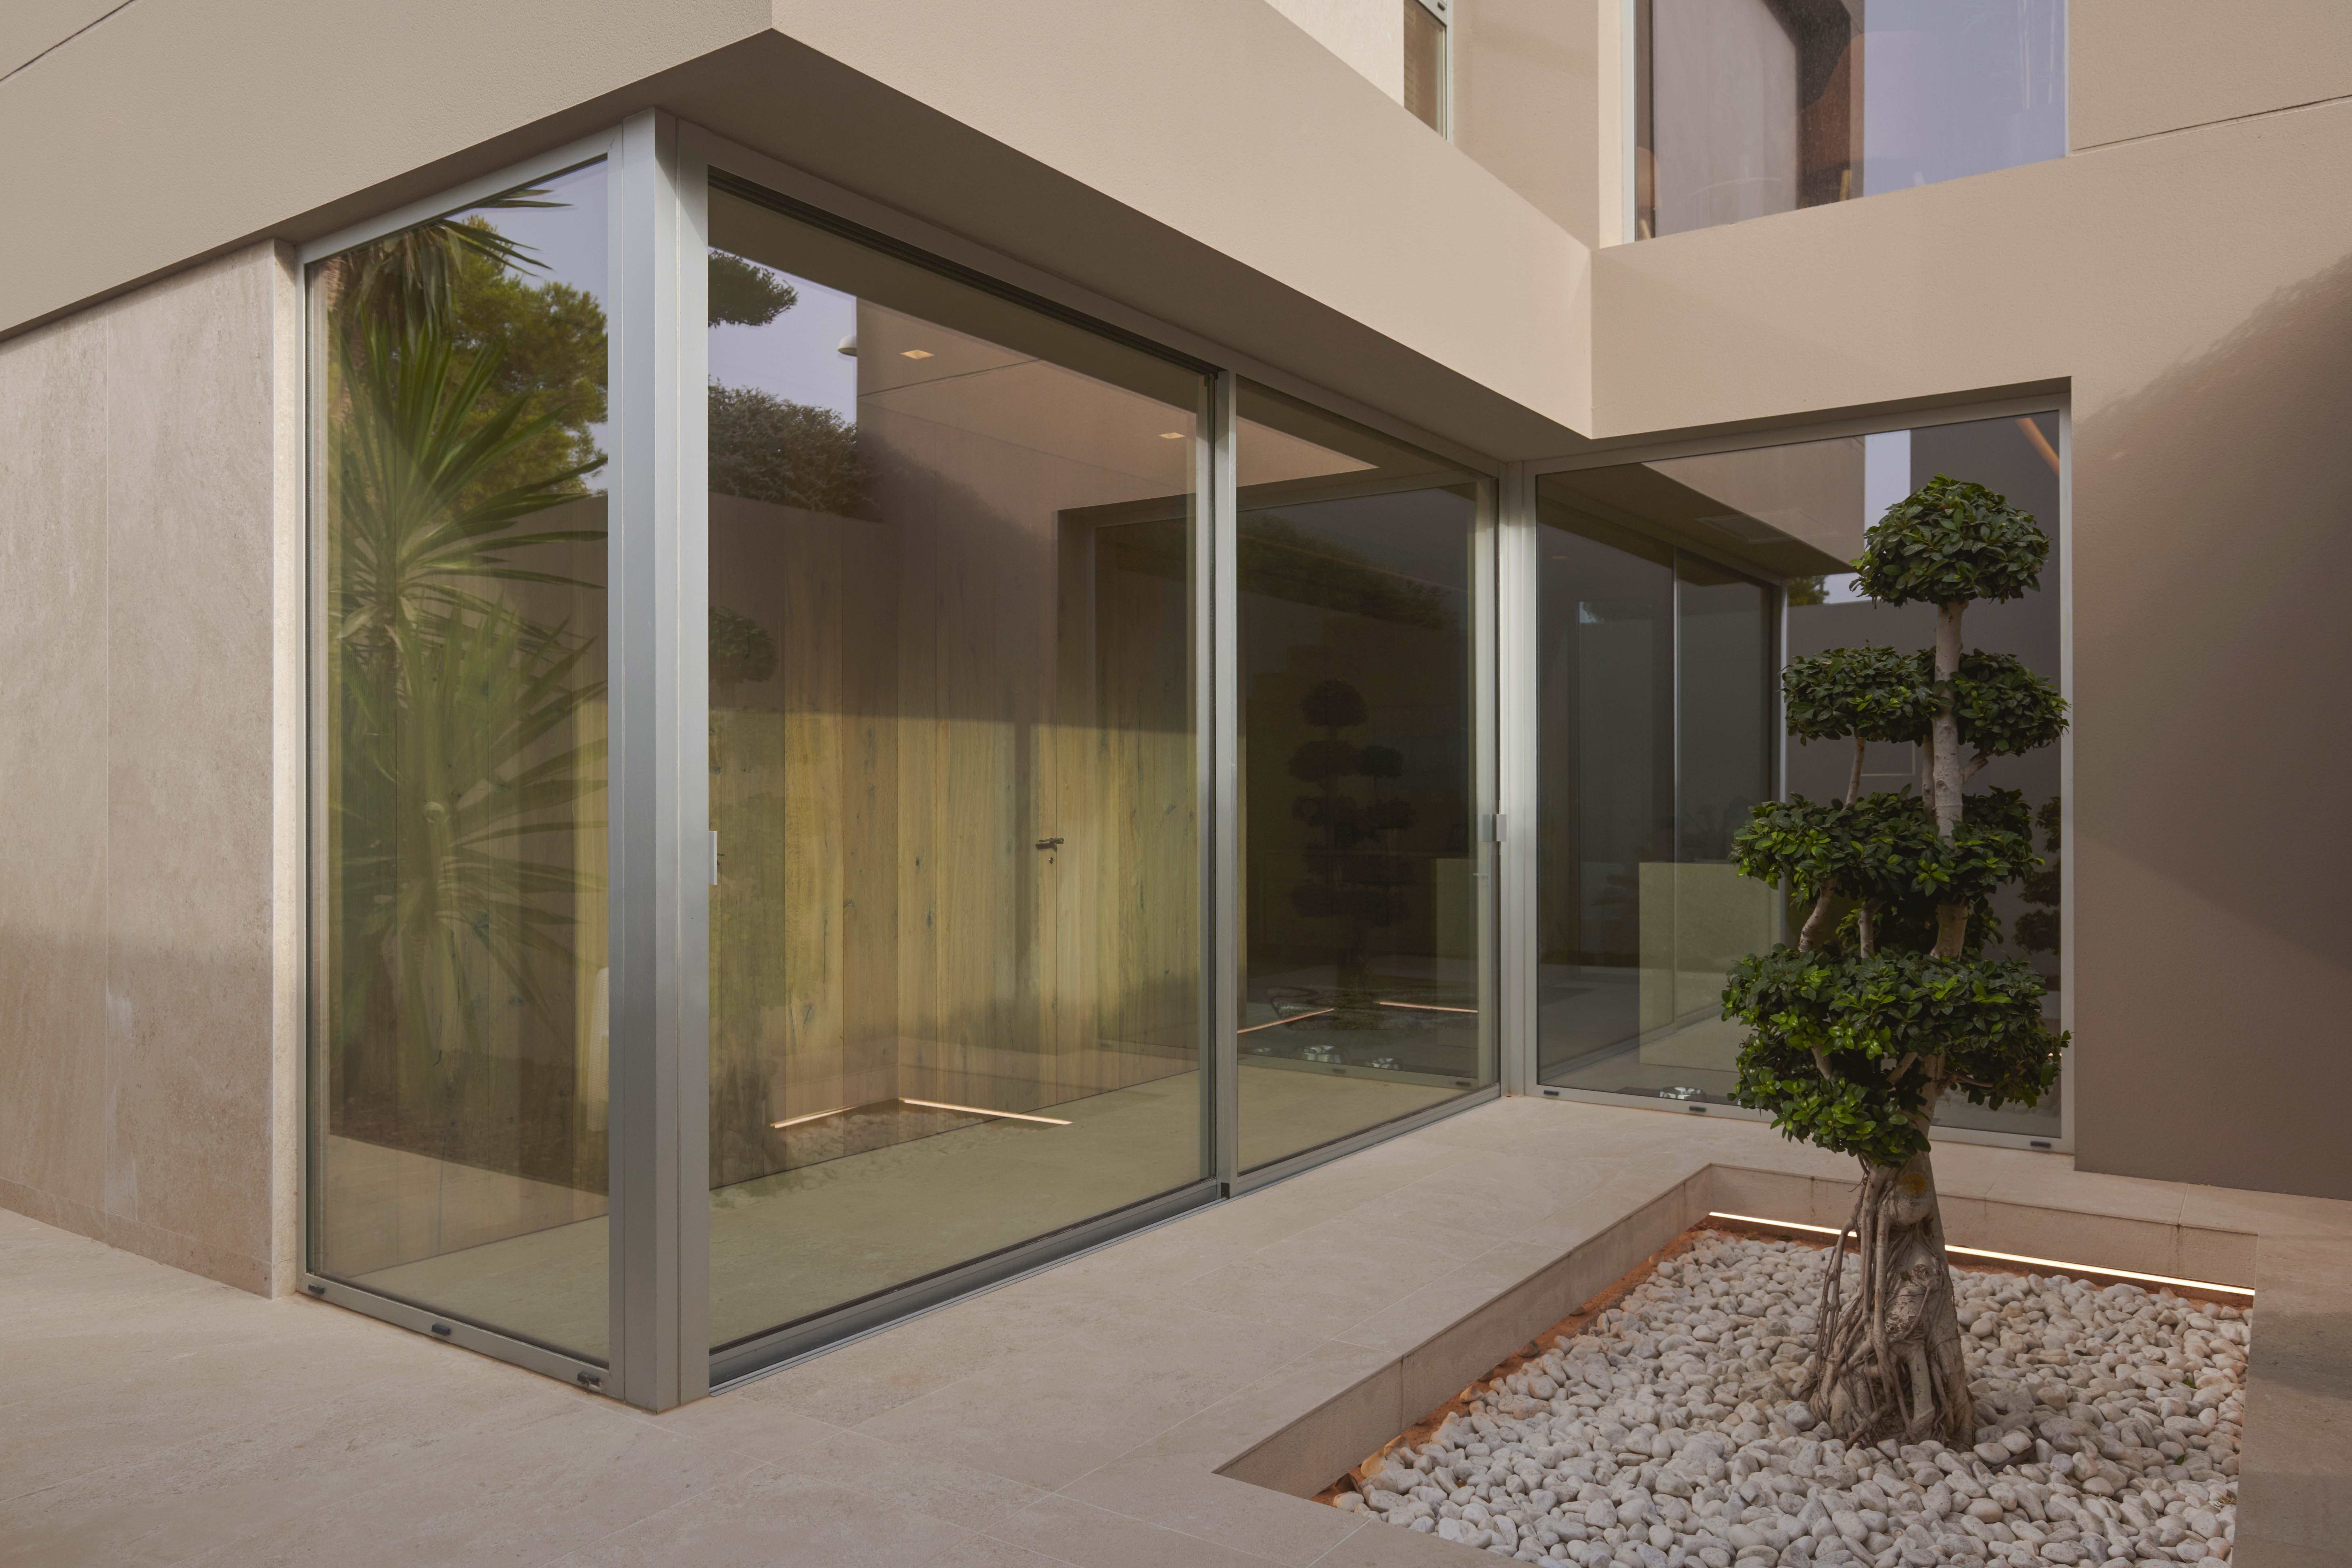 Inalco-maarquitectura-Villa-Caliza_5